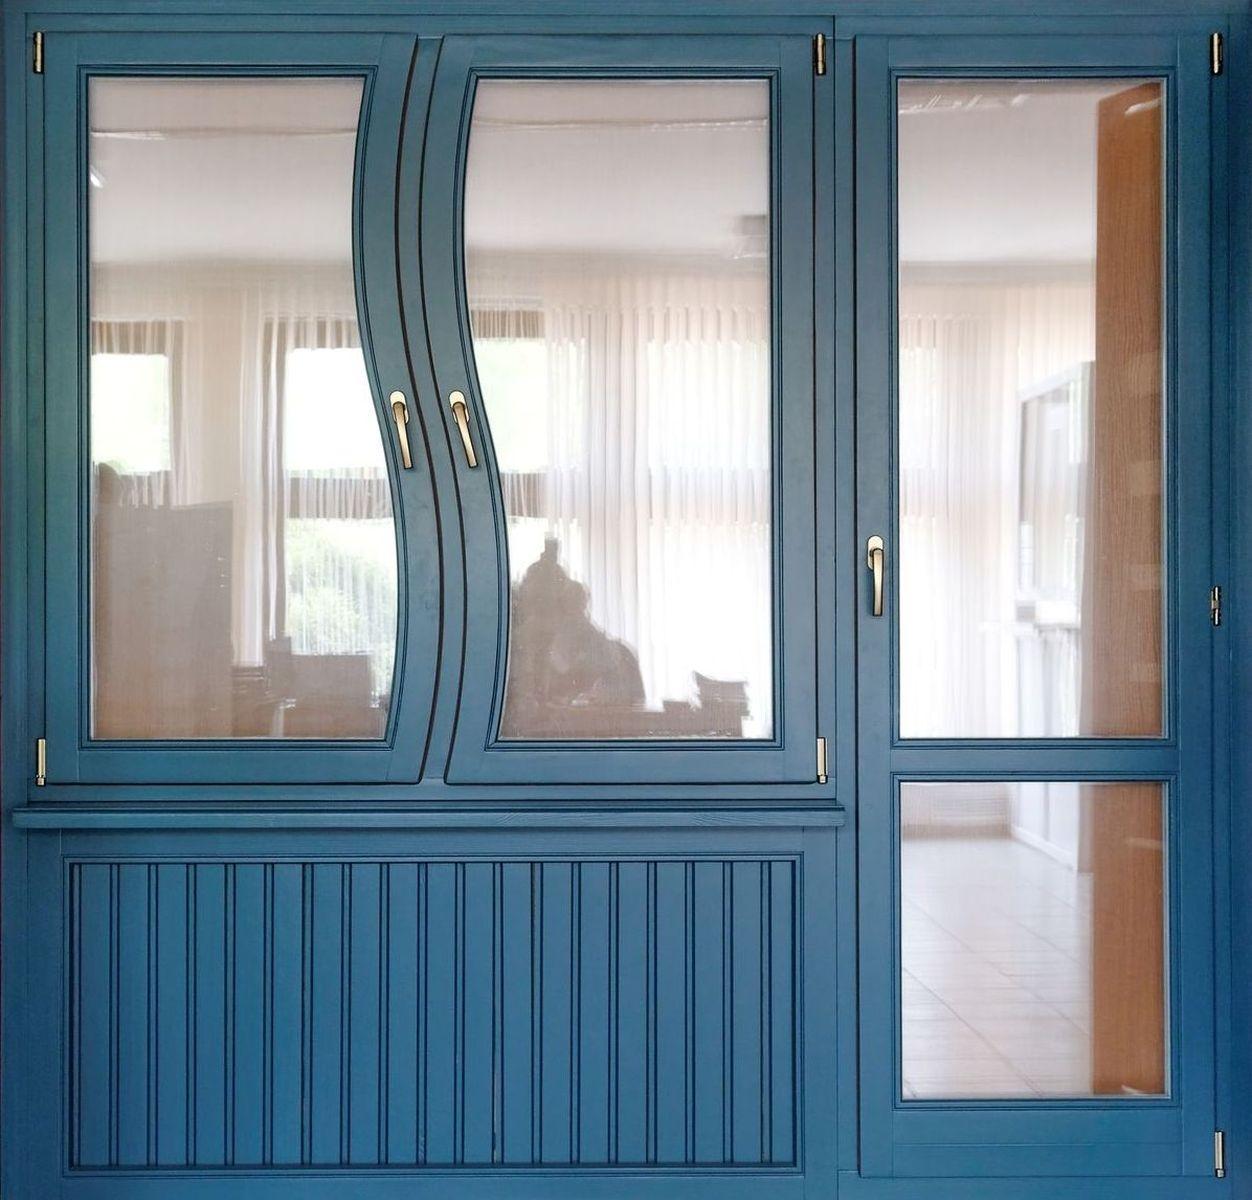 Вид пластиковых балконных дверей с окном..